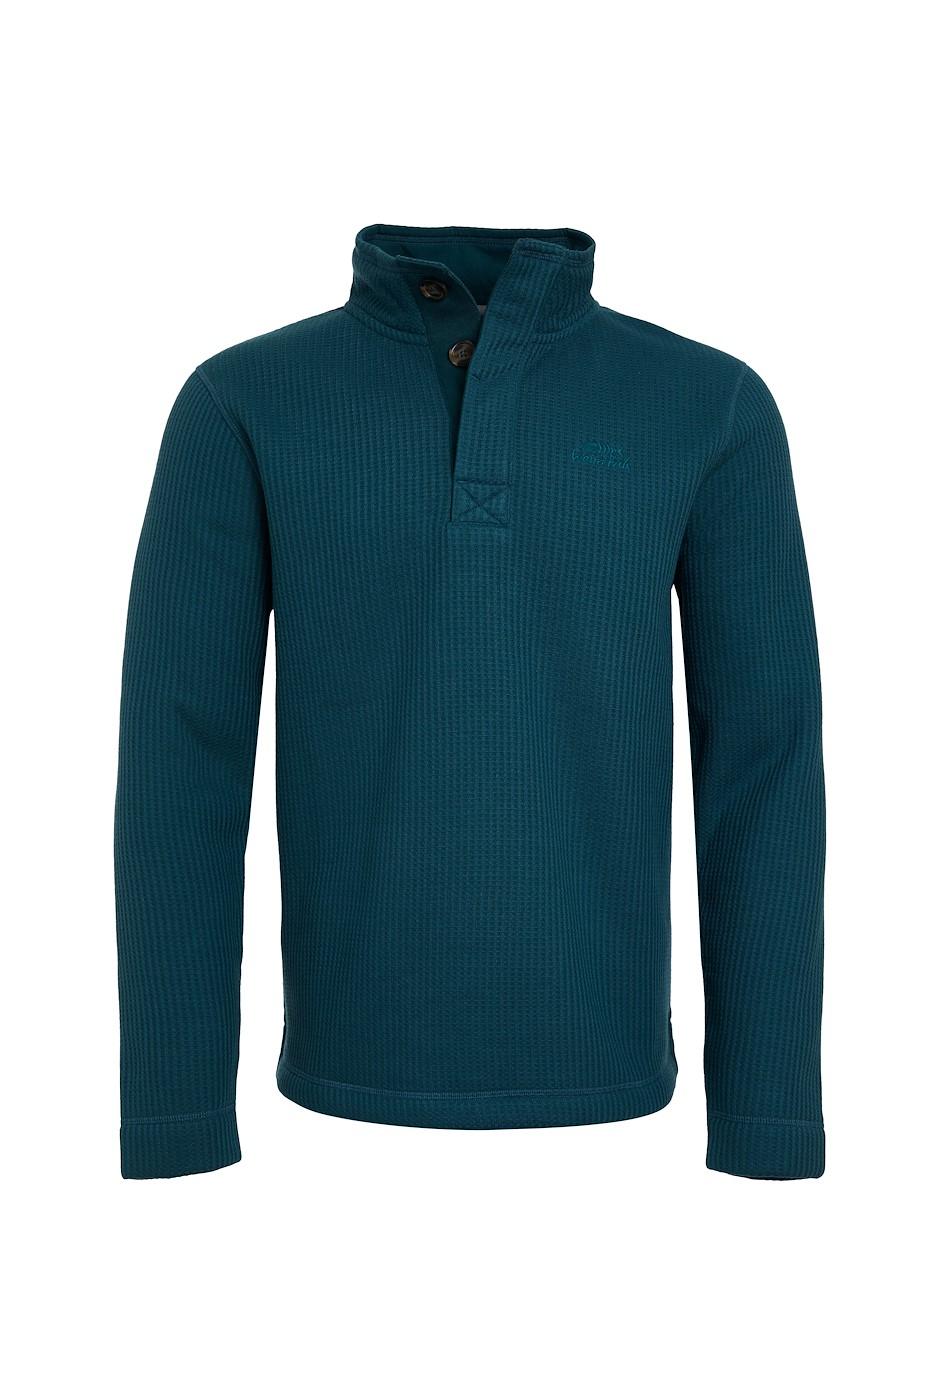 Floyd Button Neck Bonded Waffle Sweatshirt Petrol Blue